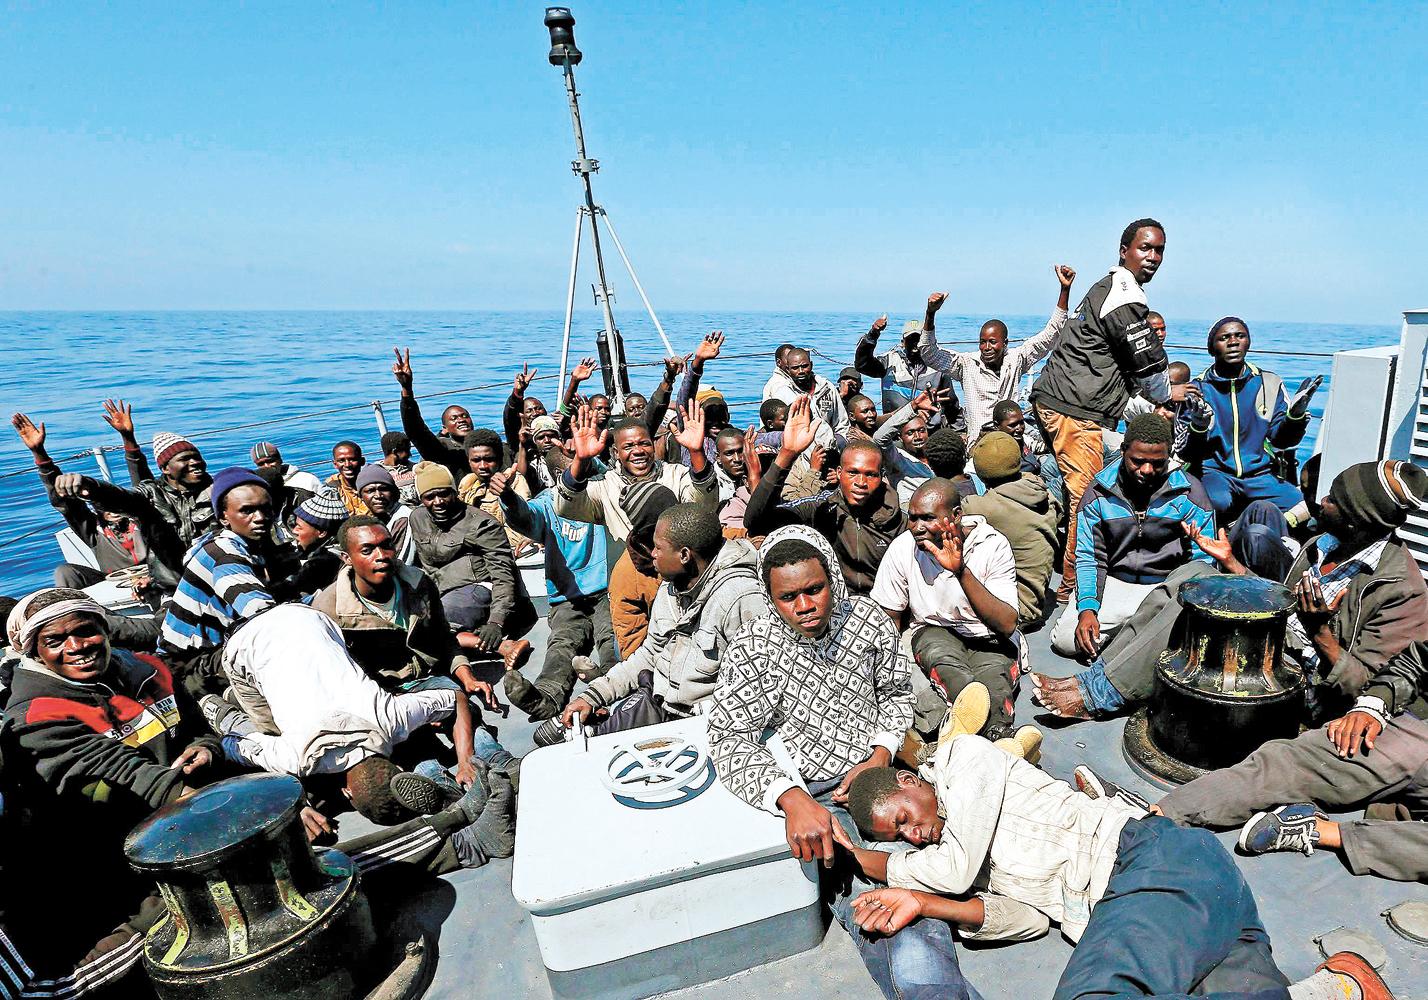 La Peor Crisis Migratoria En Europa Desde La Segunda